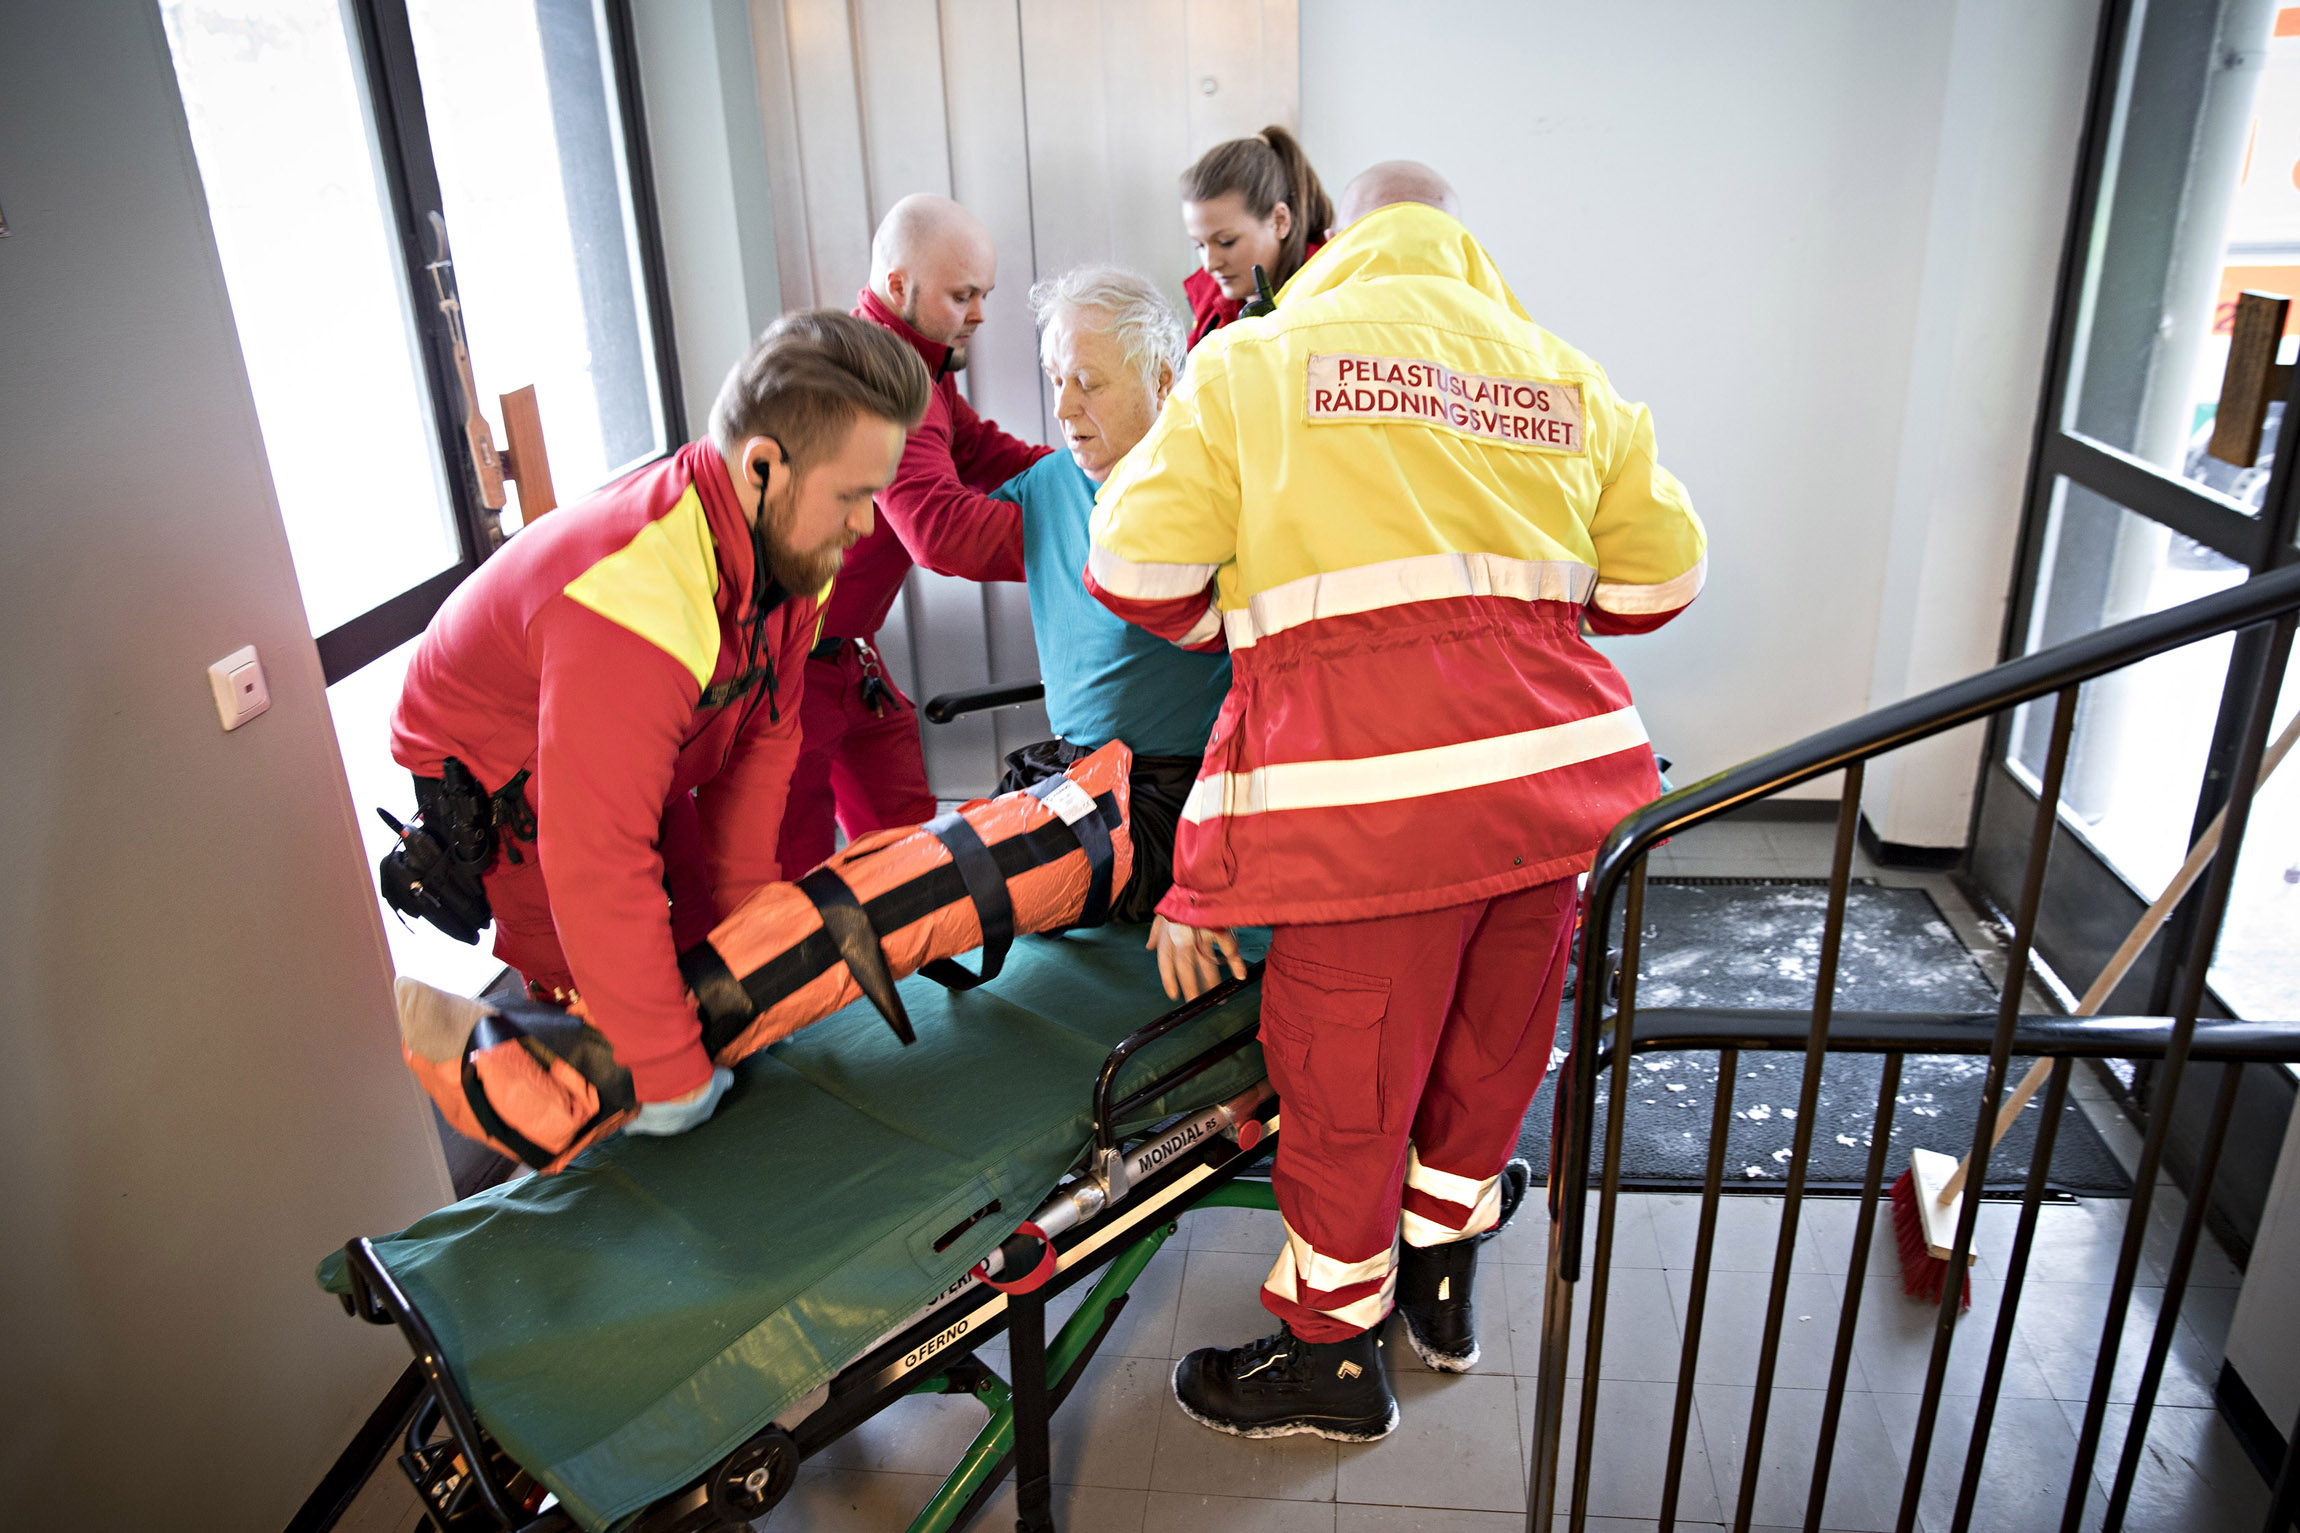 Potilas on saatettu kahdeksannesta kerroksesta alas. Matka Porvoon aluesairaalaan voi alkaa.